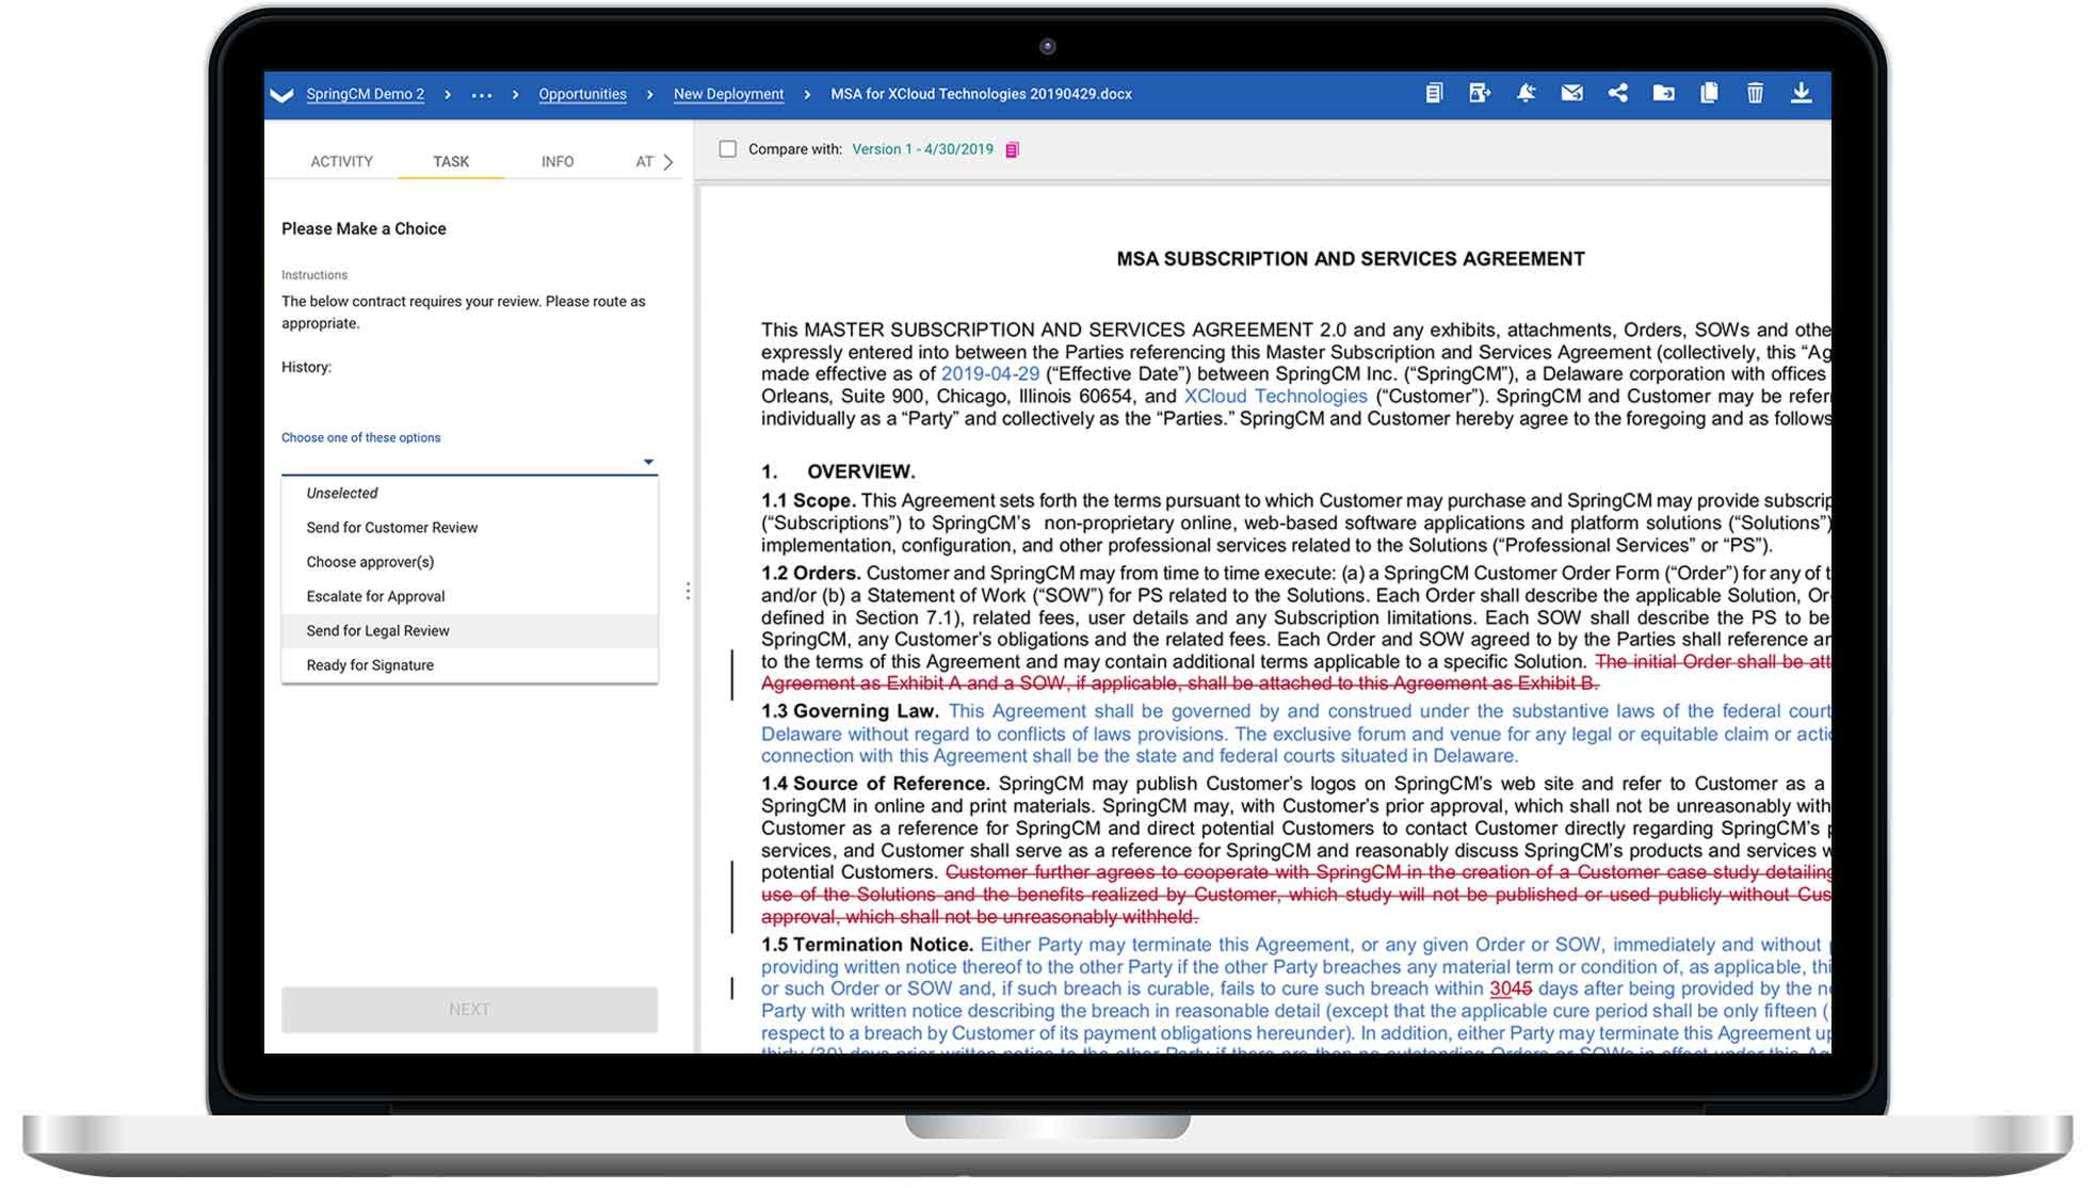 Un ordinateur portable montrant une capture d'écran de DocuSign CLM.